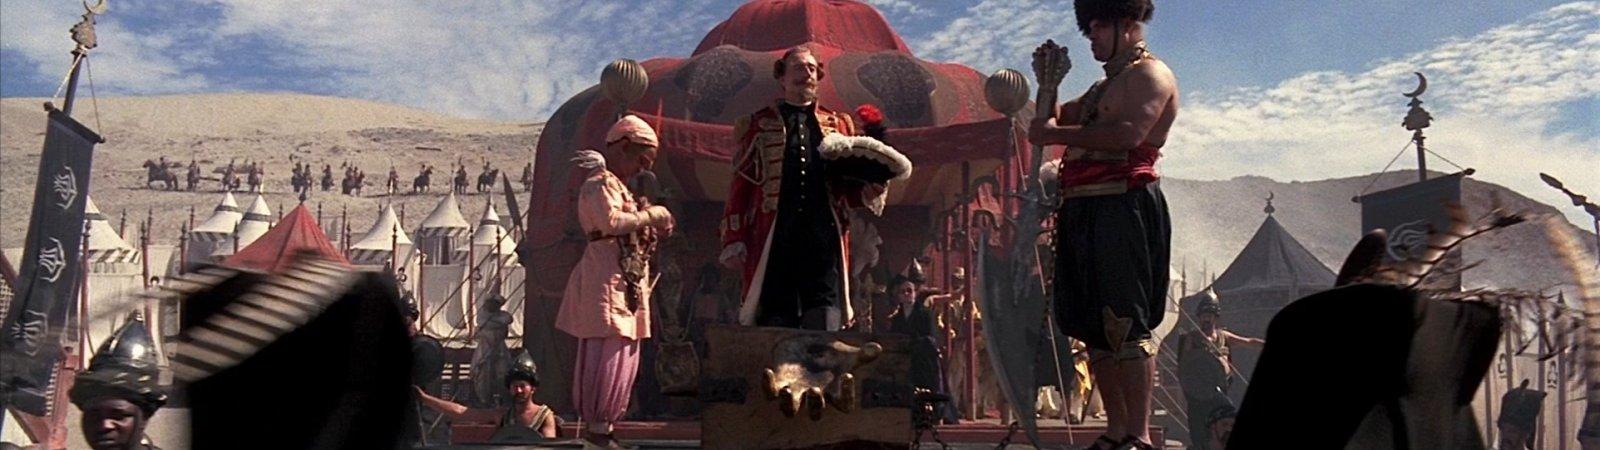 Photo du film : Les aventures du Baron de Münchausen